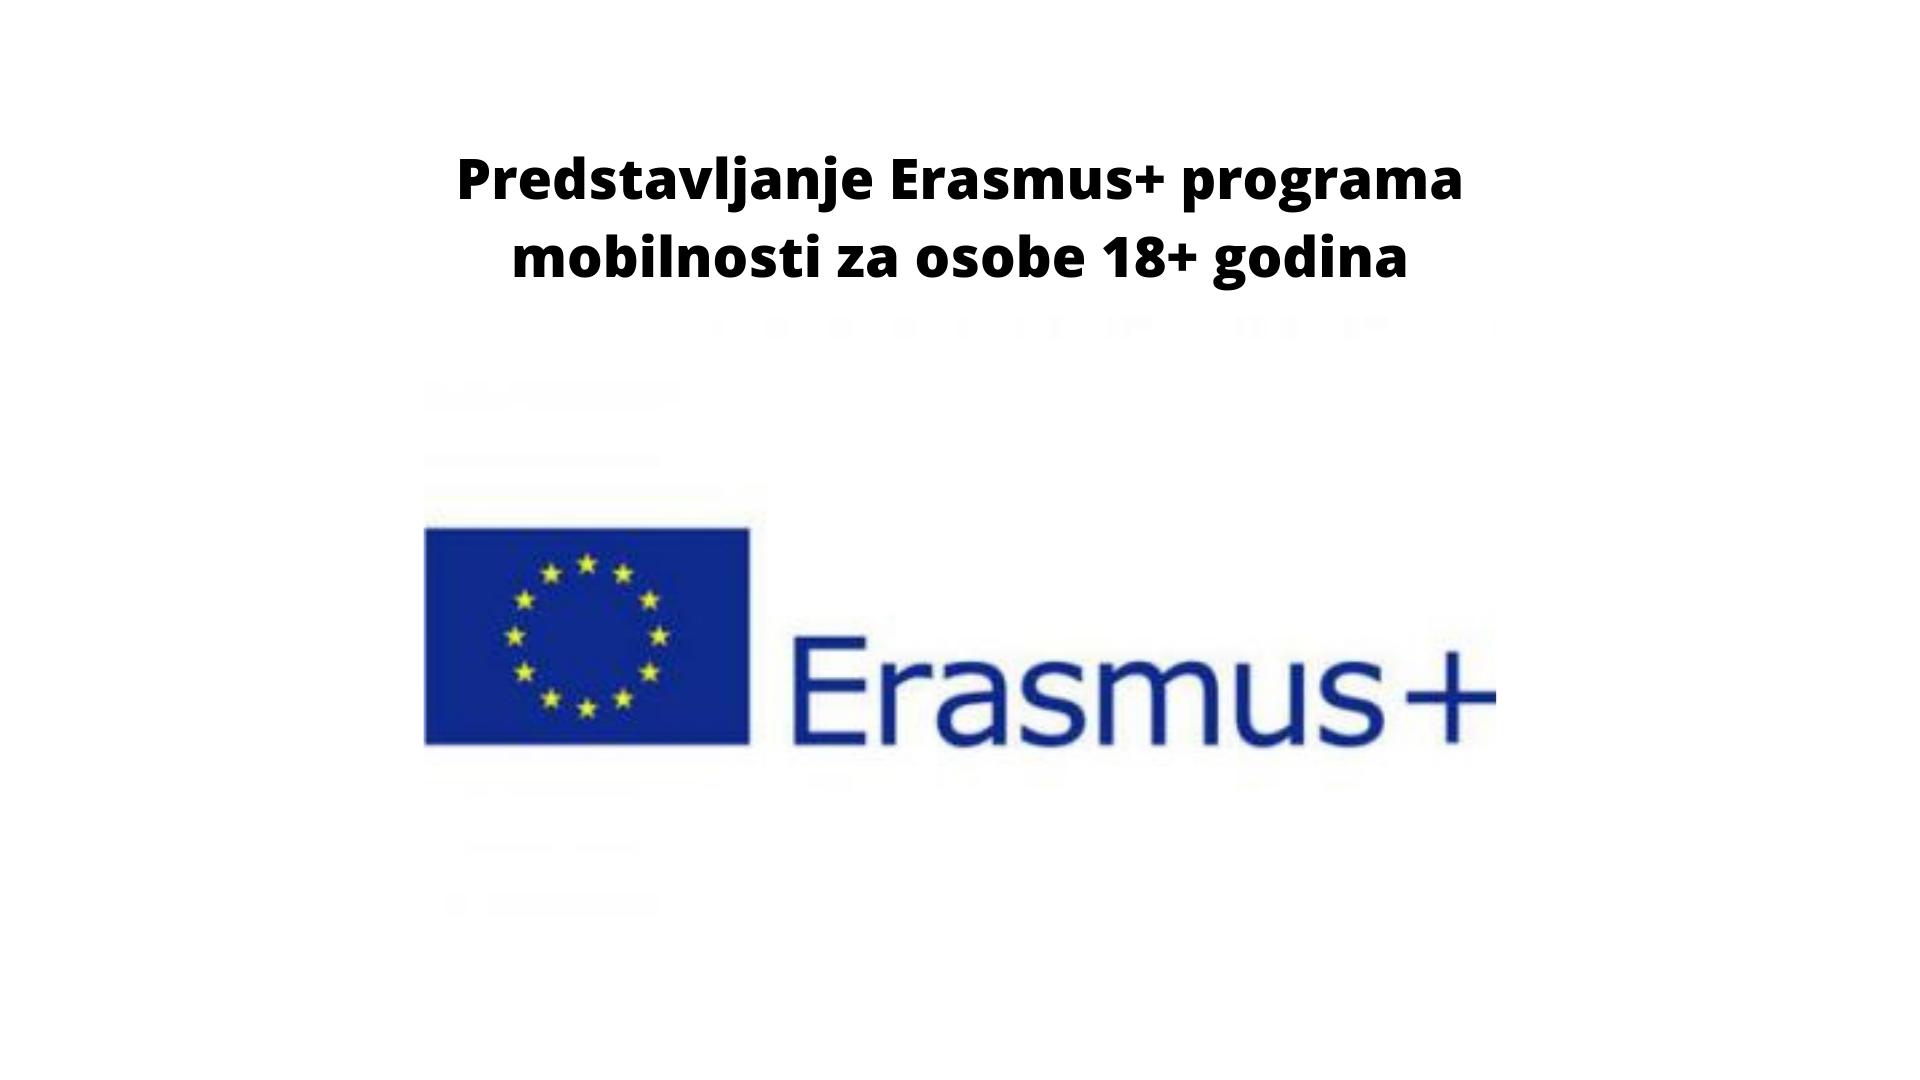 Predstavljanje Erasmus+ programa mobilnosti za osobe od 18+ godina (bez gornje dobne granice)